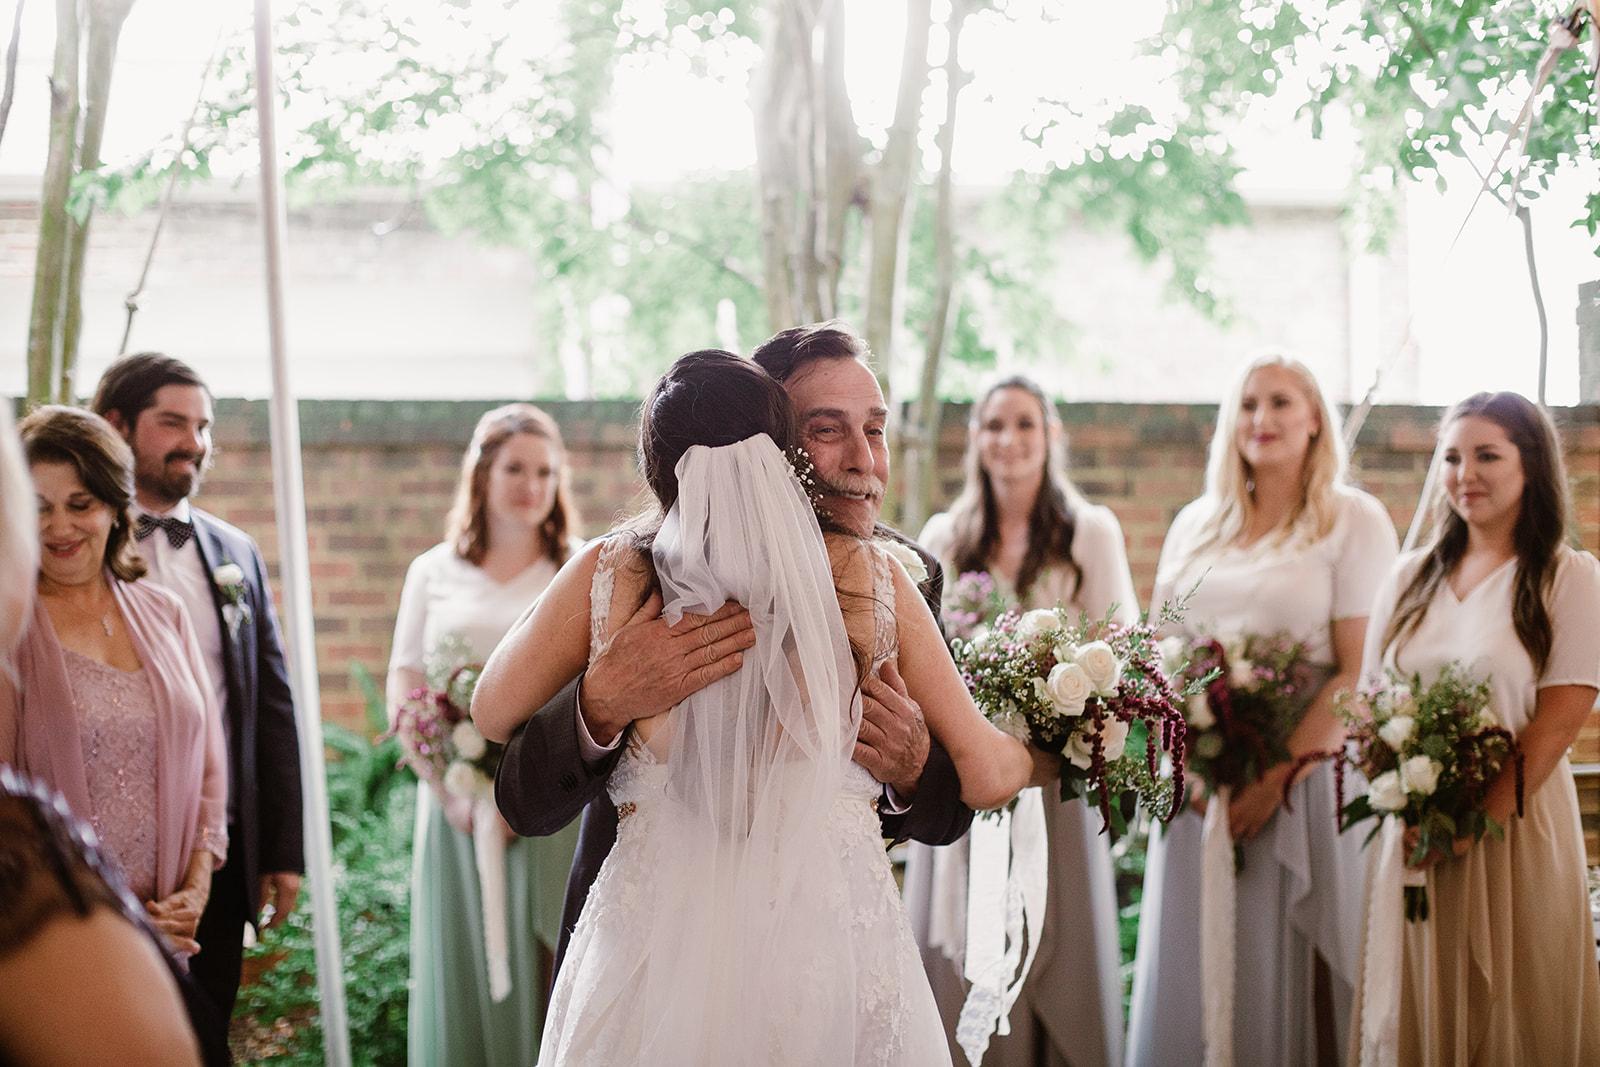 SarahMattozziPhotography-EmilyColin-LindenRowInnWedding-Ceremony-45.jpg